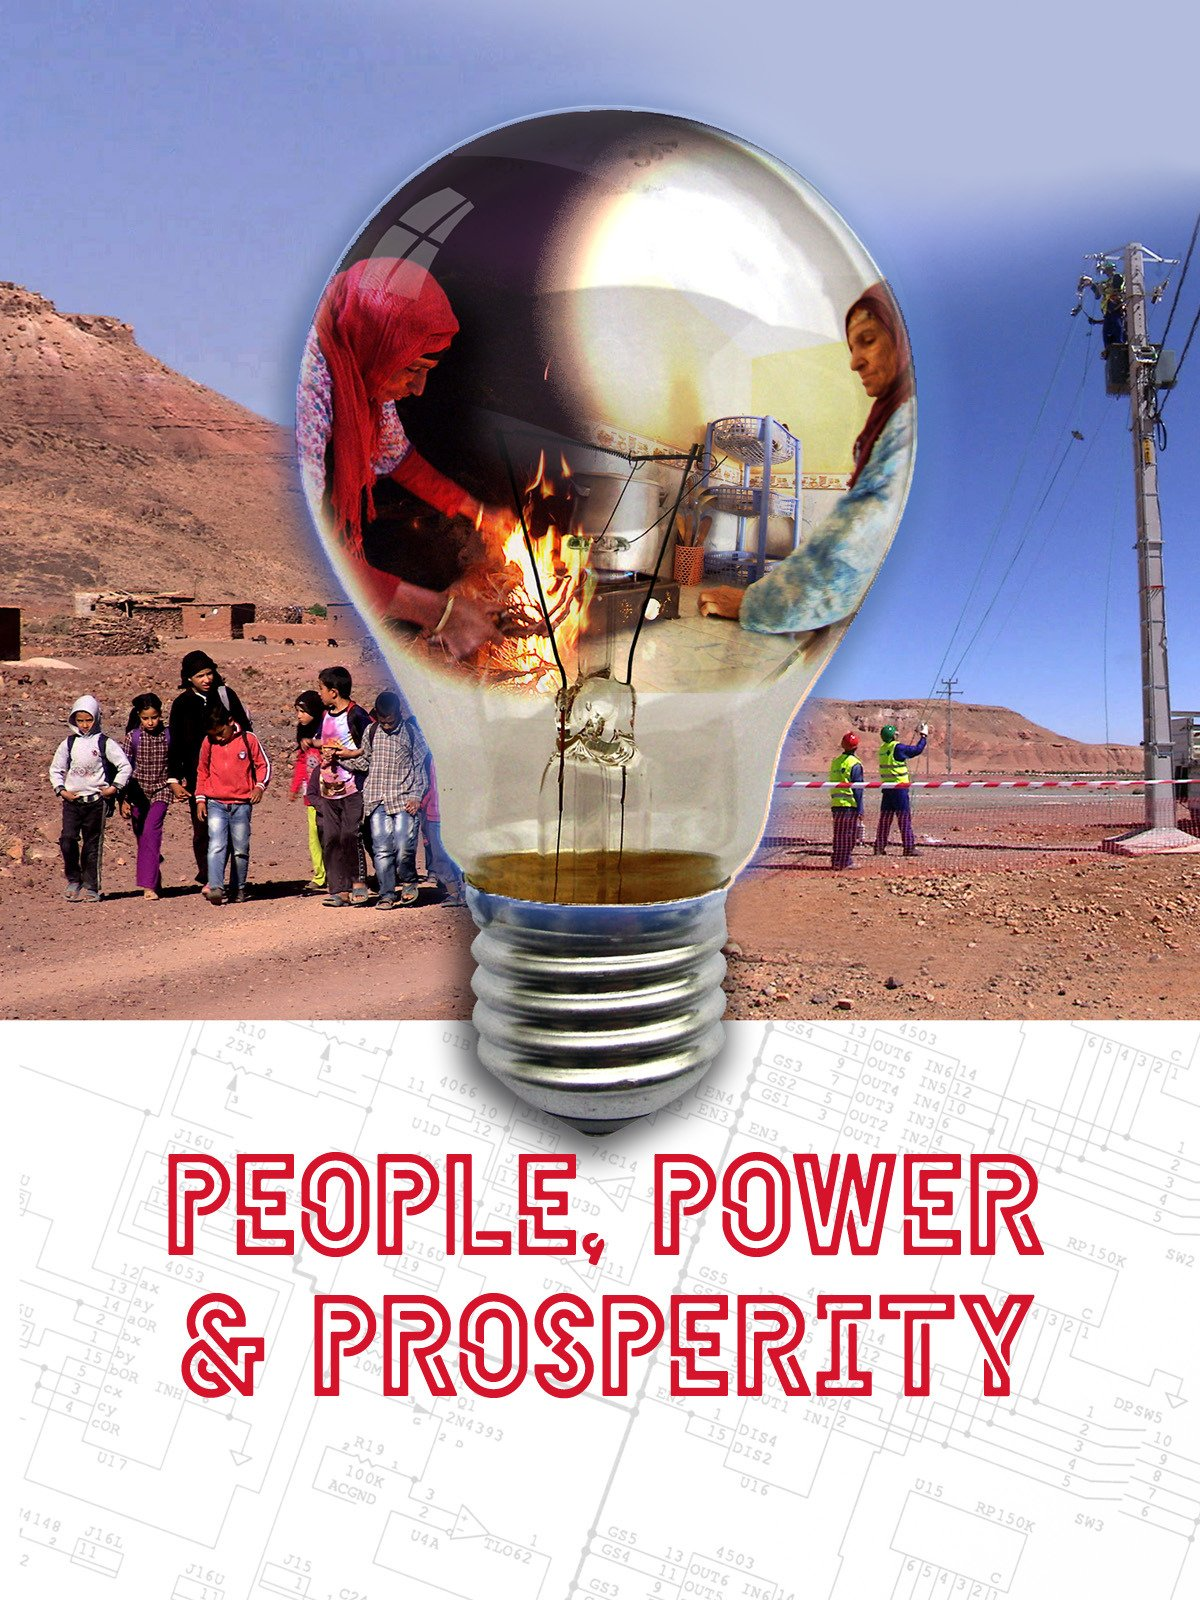 People, Power & Prosperity